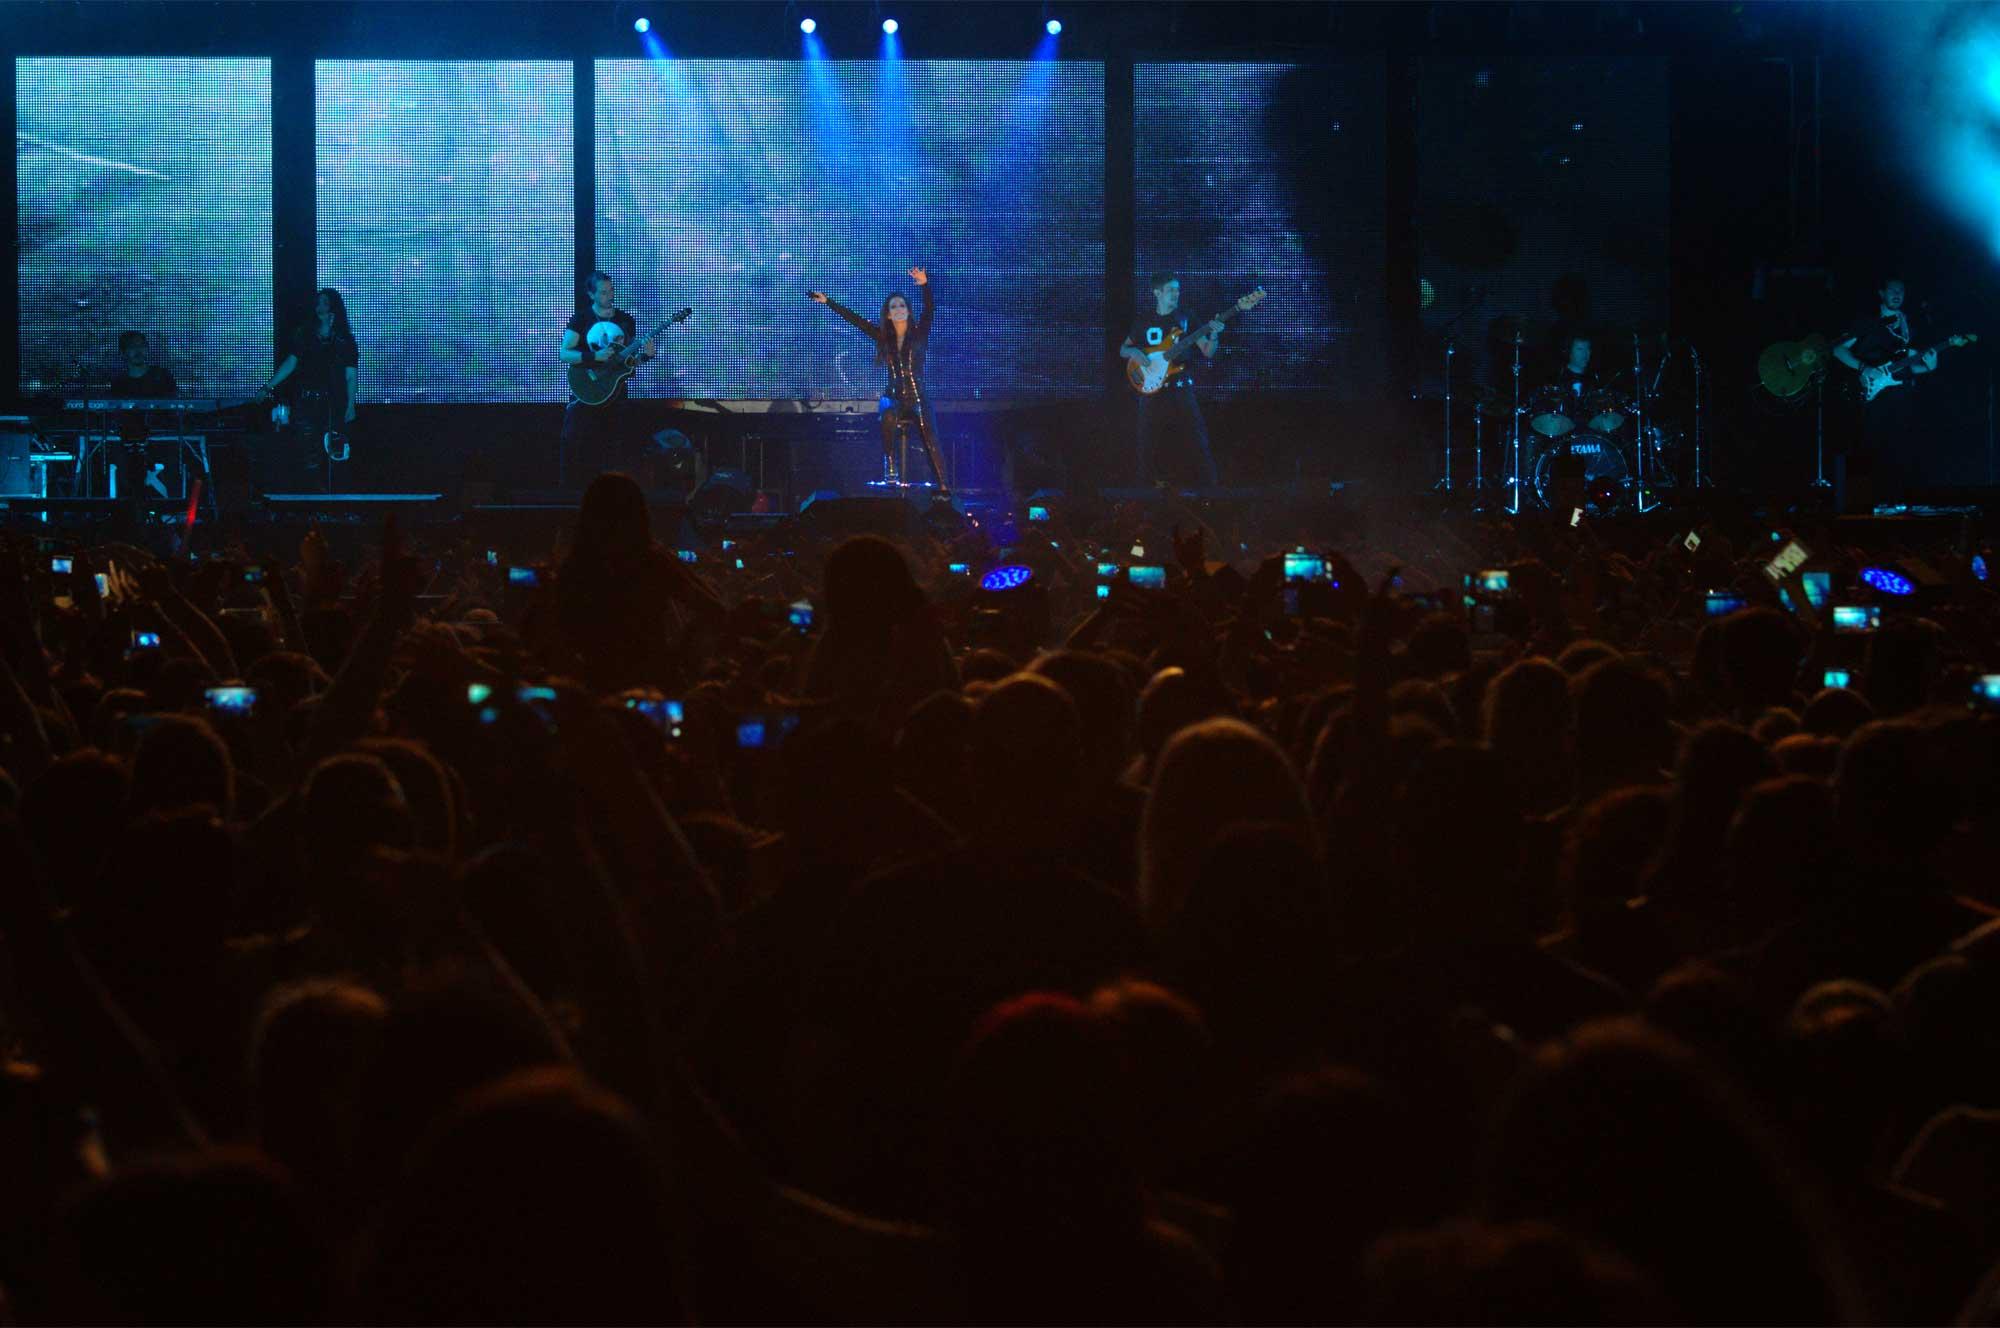 Fotografies del concert de Malú al Palau Sant Jordi